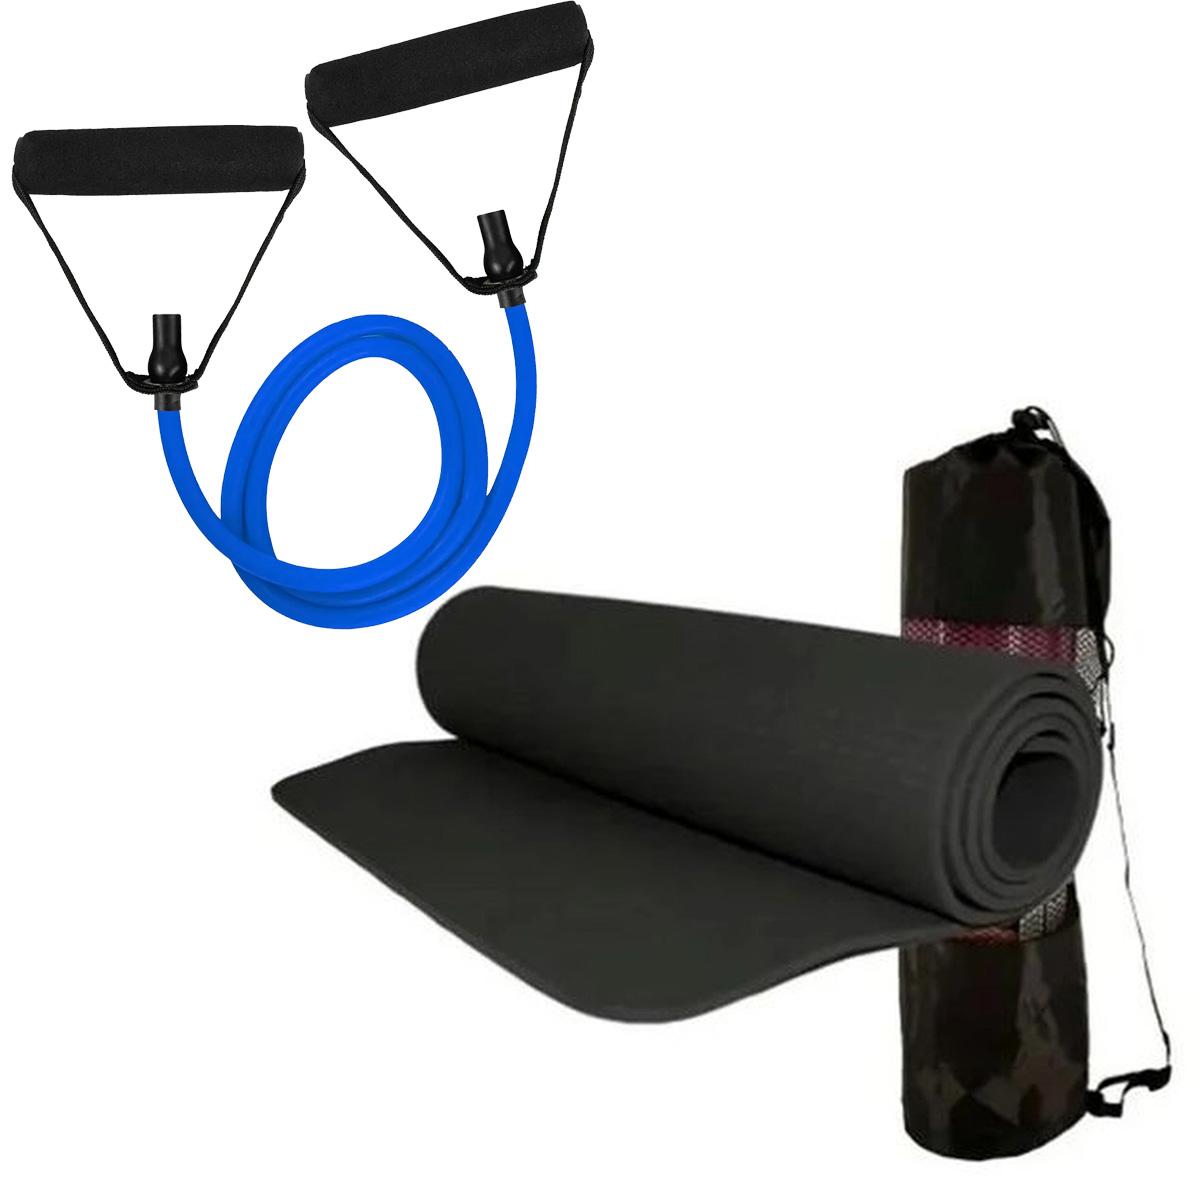 Kit Tapete de Yoga Preto Elástico Extensor Tensão MBfit